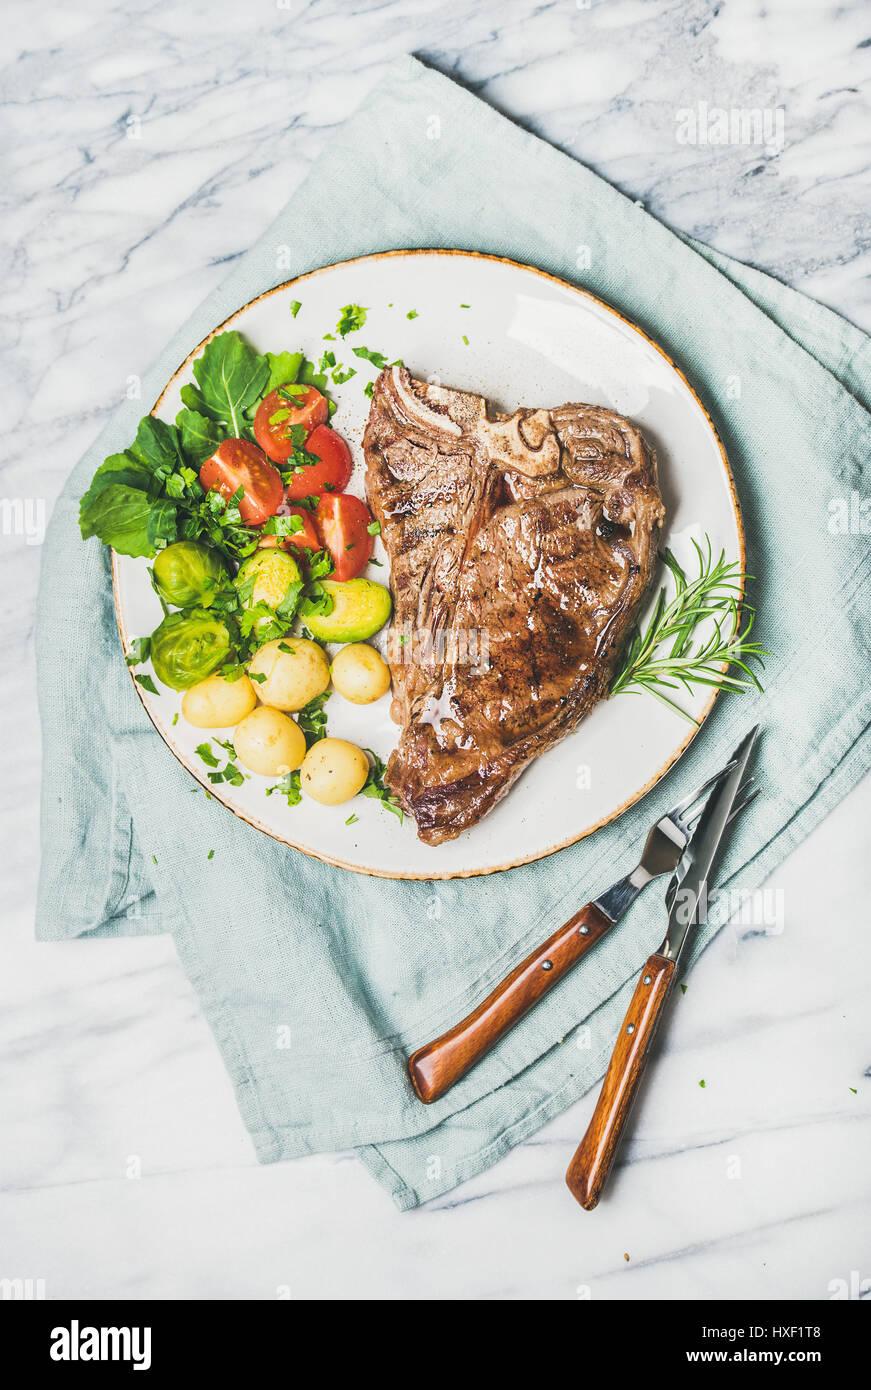 Grigliate di carne cena piastra con manzo cotto tbone steak Immagini Stock